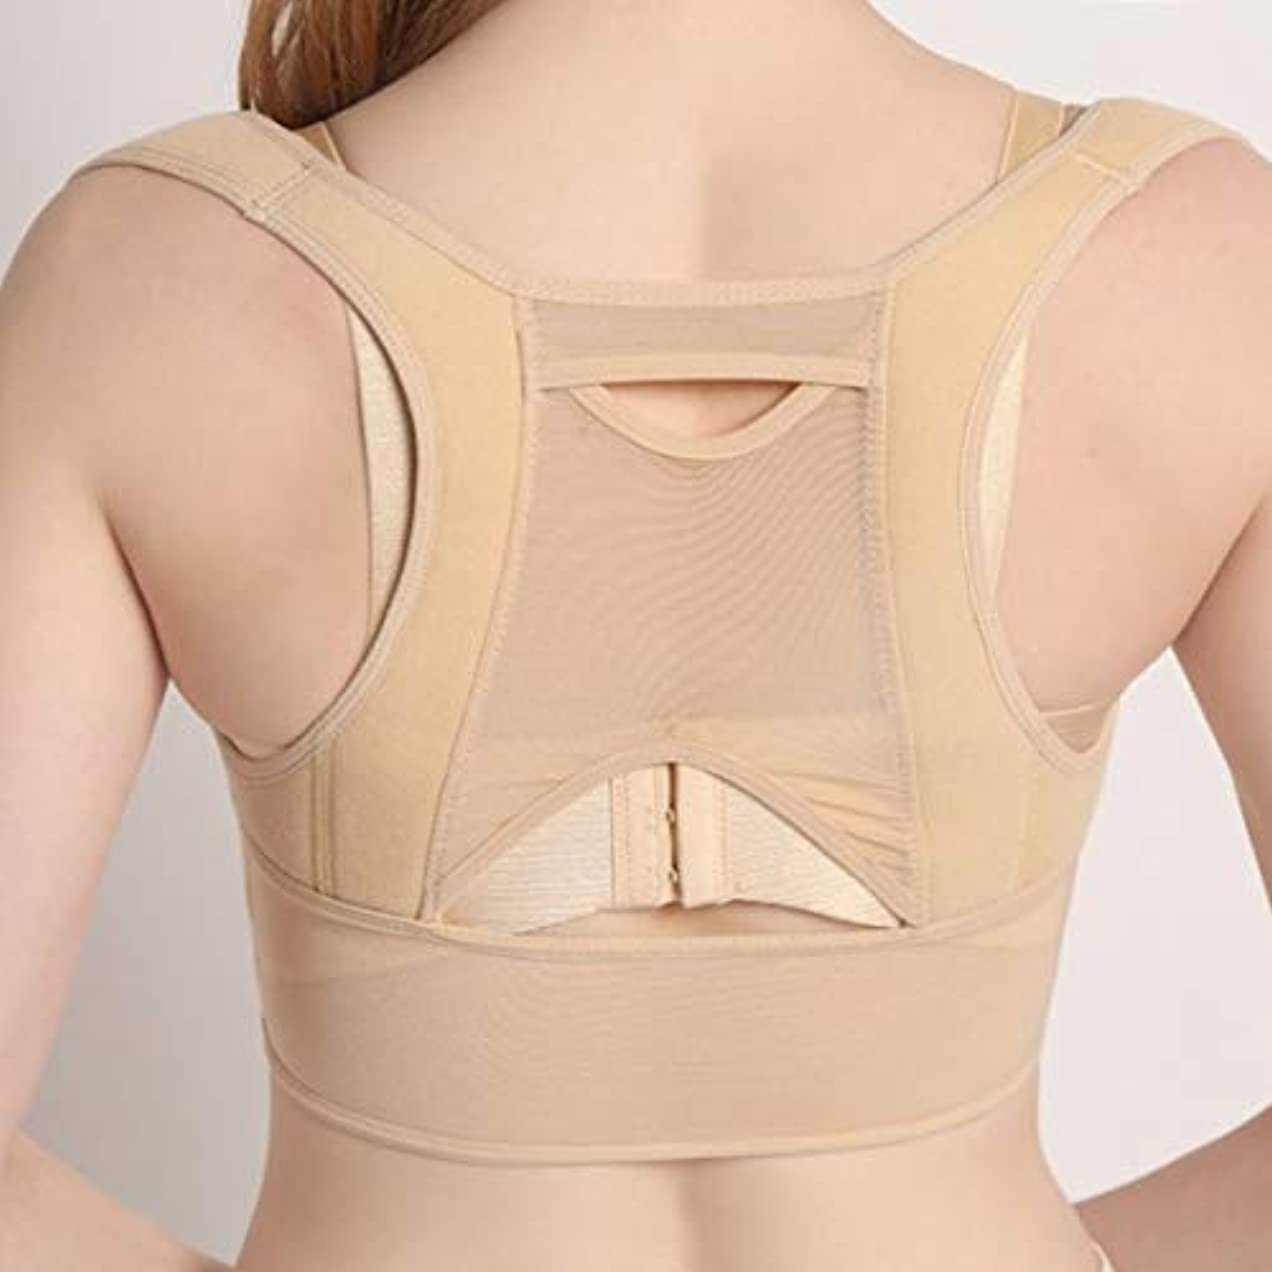 眉頂点マート通気性のある女性の背中の姿勢矯正コルセット整形外科の背中の肩の背骨の姿勢矯正腰椎サポート - ベージュホワイトL